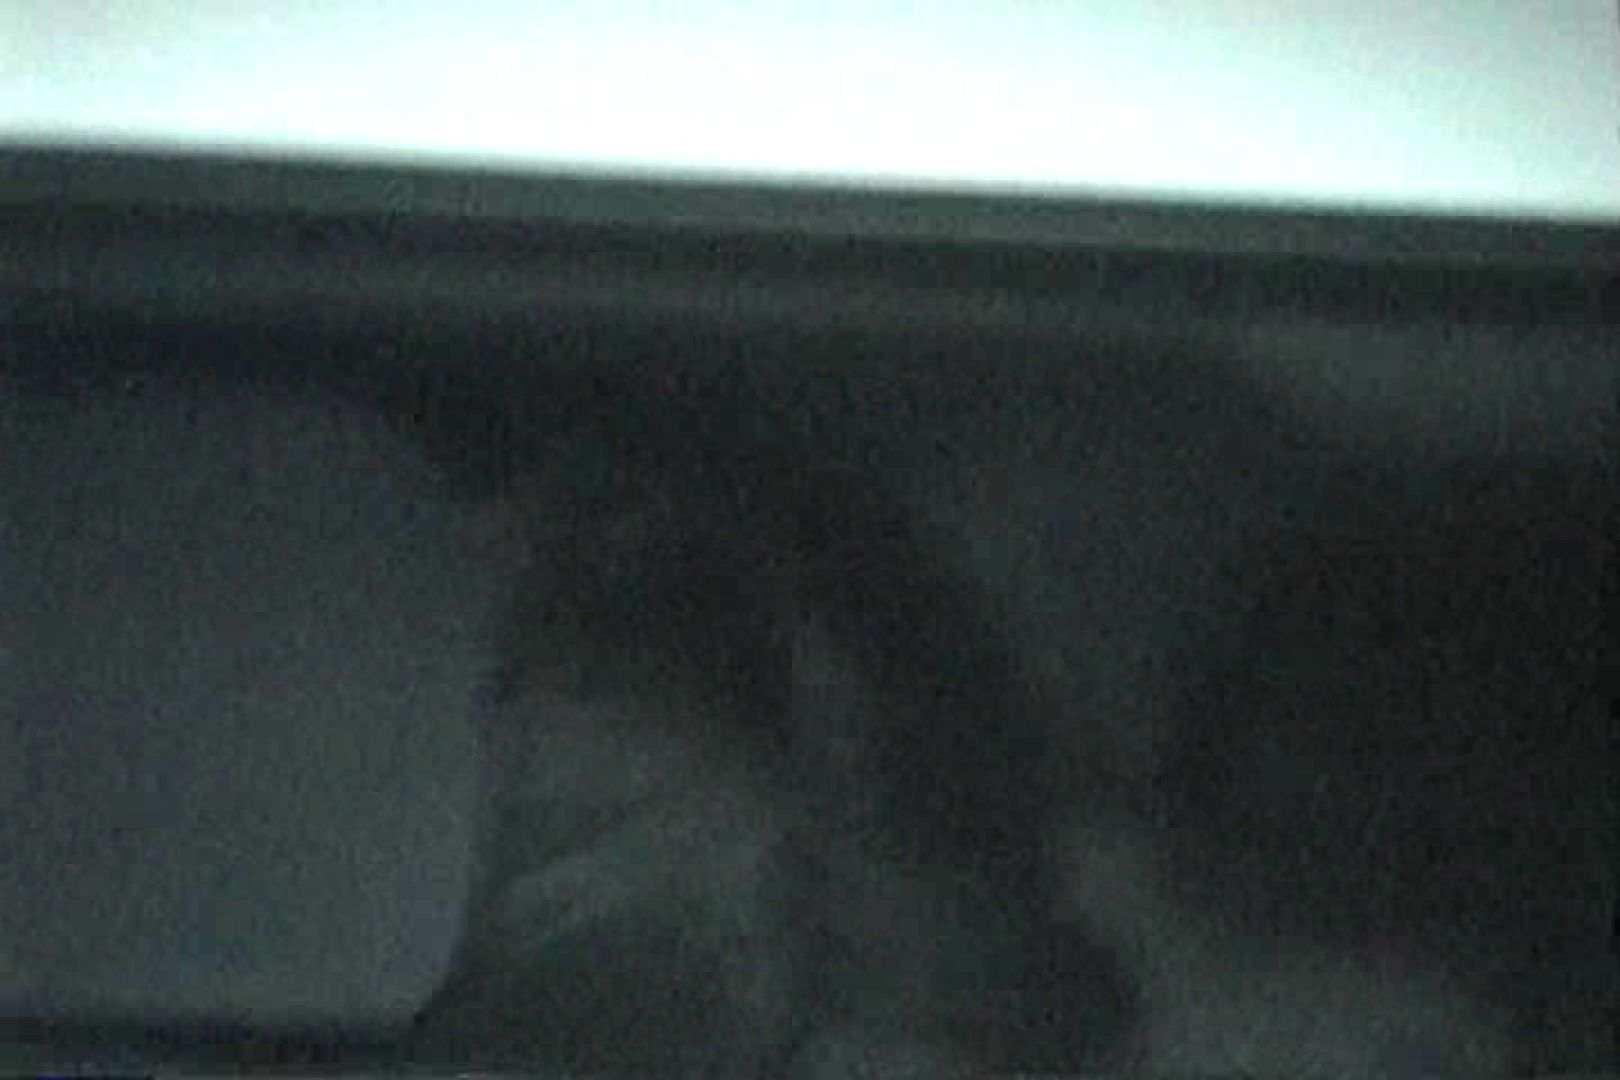 充血監督の深夜の運動会Vol.120 カップルのセックス 盗撮動画紹介 63PIX 15